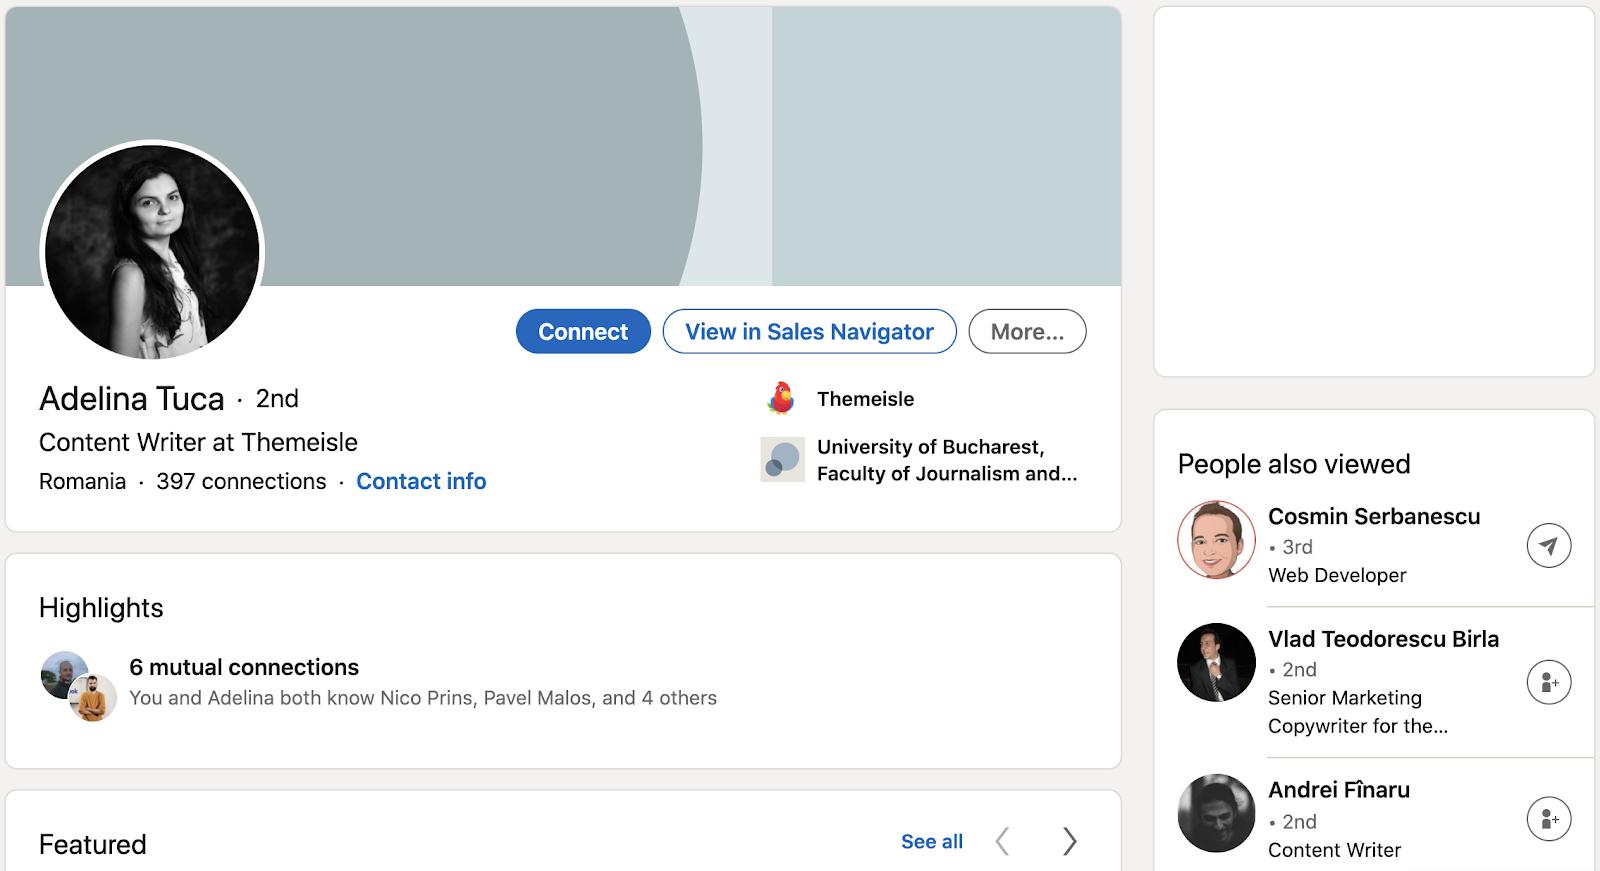 Adelina Tuca LinkedIn profile